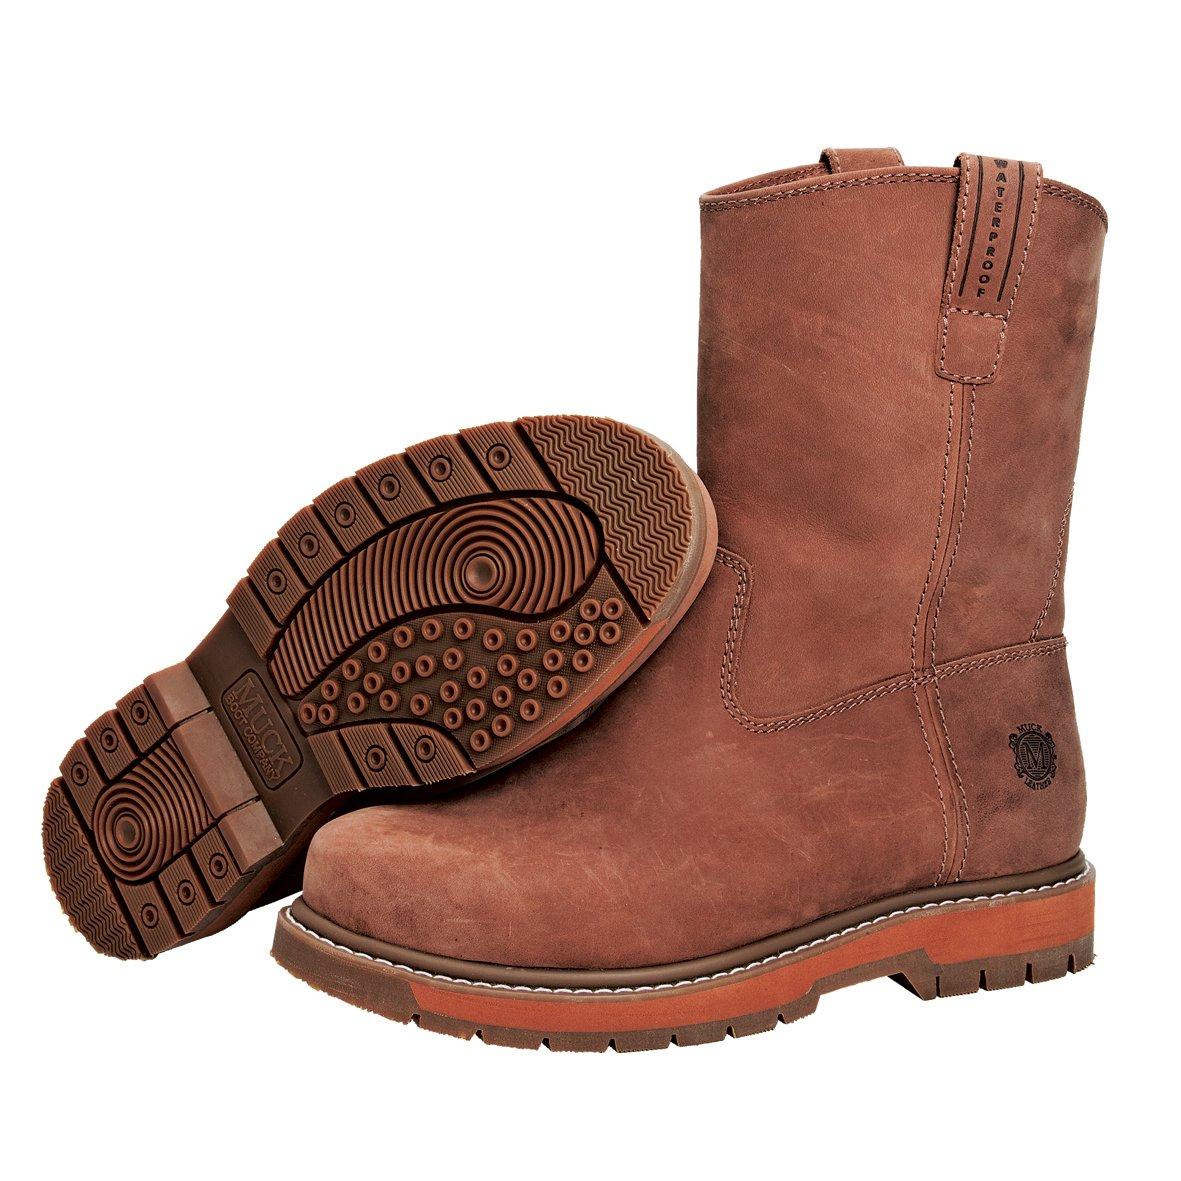 Muck Boot メンズ B001BZHY4I 13 D(M) US|ブラウン ブラウン 13 D(M) US